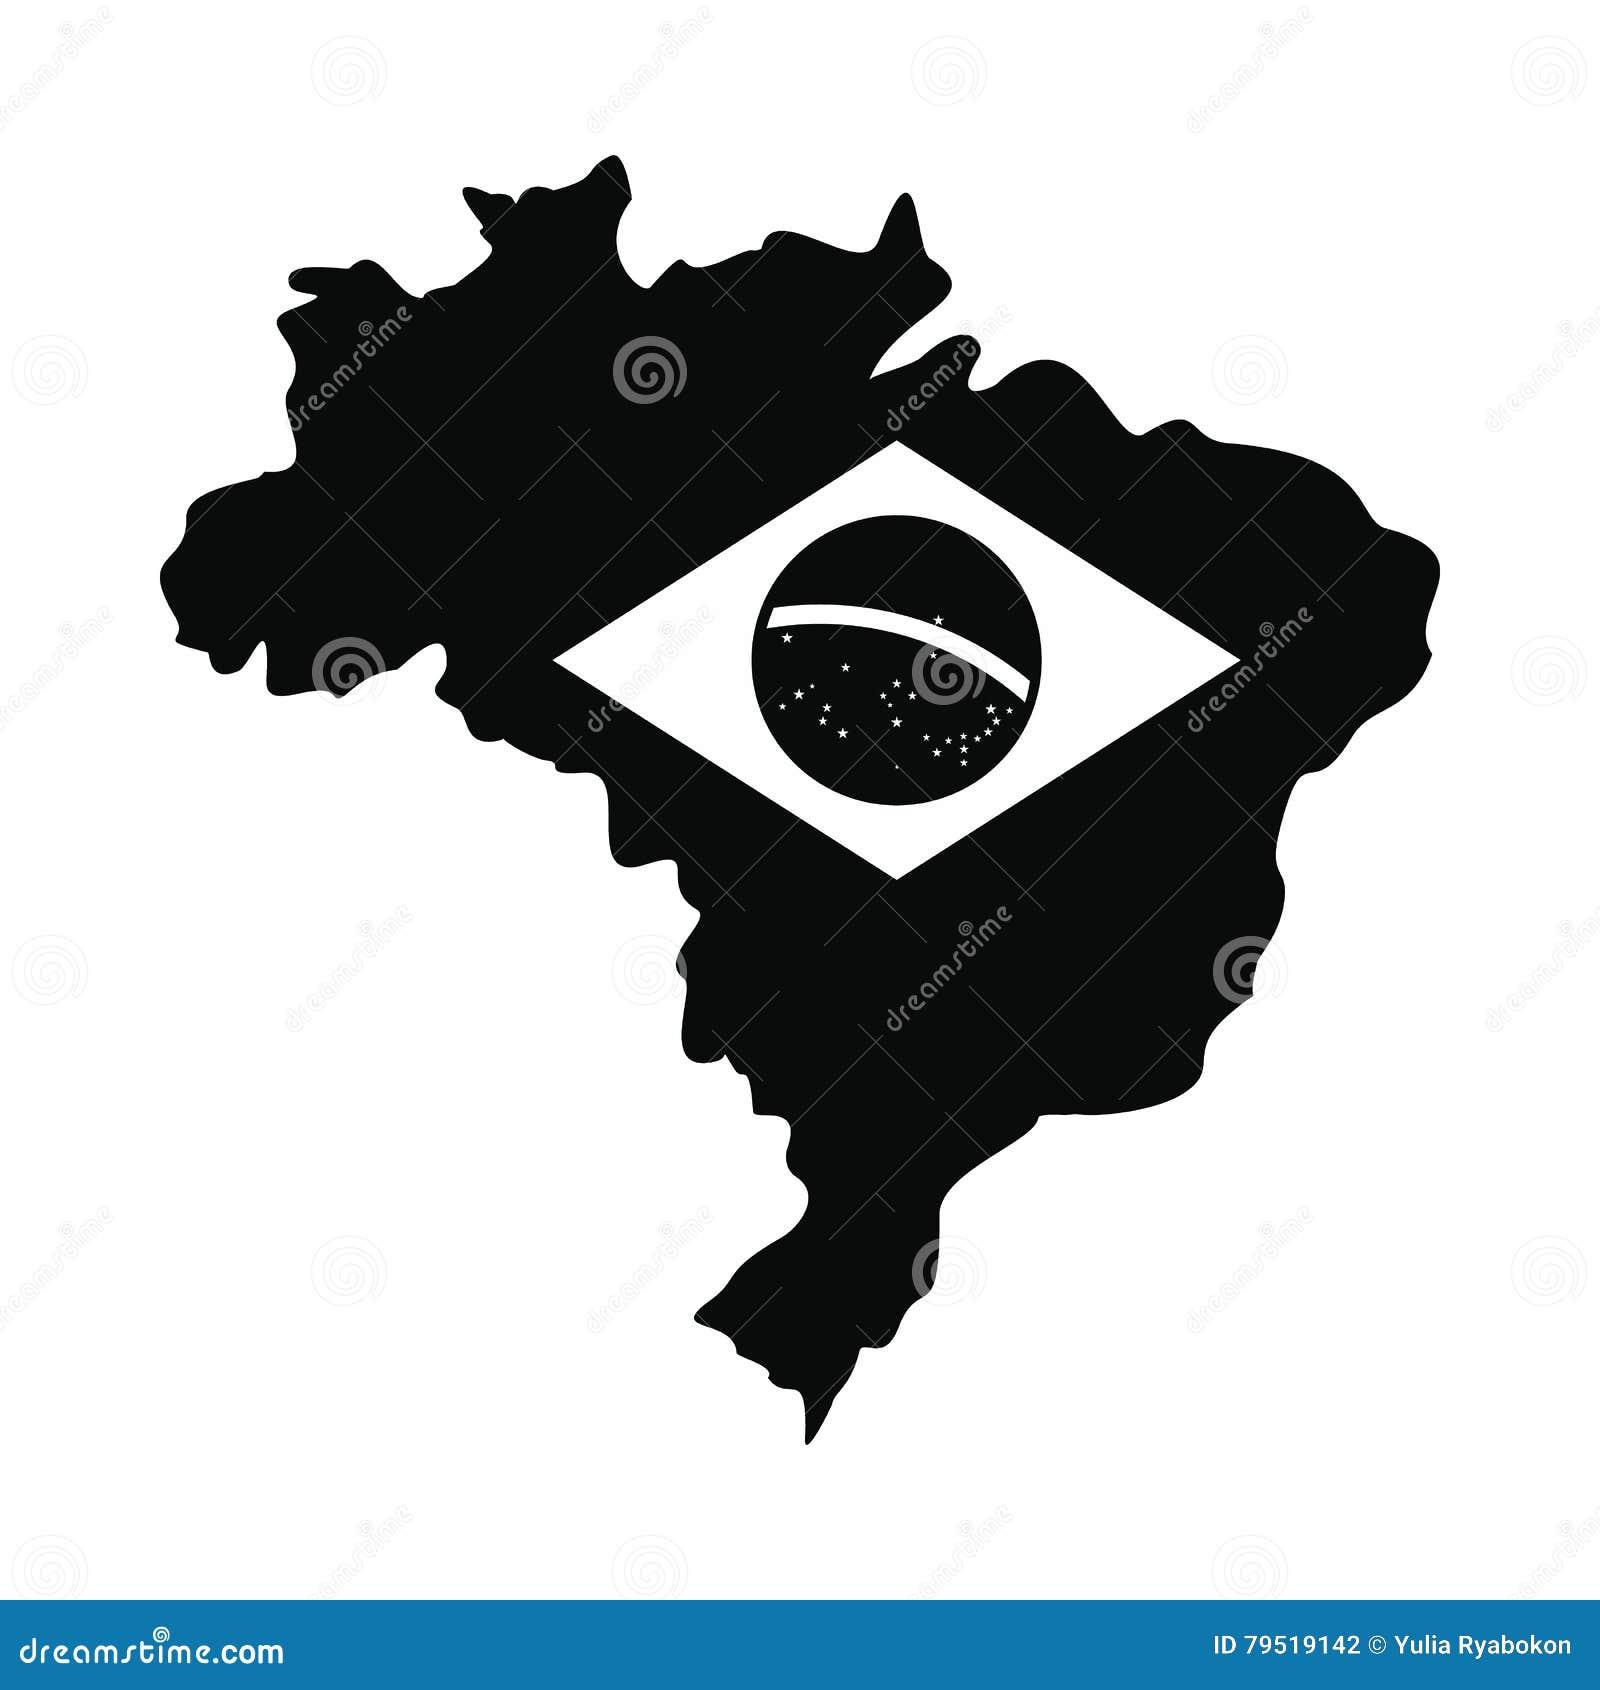 Översikt av Brasilien med bilden av nationsflaggan